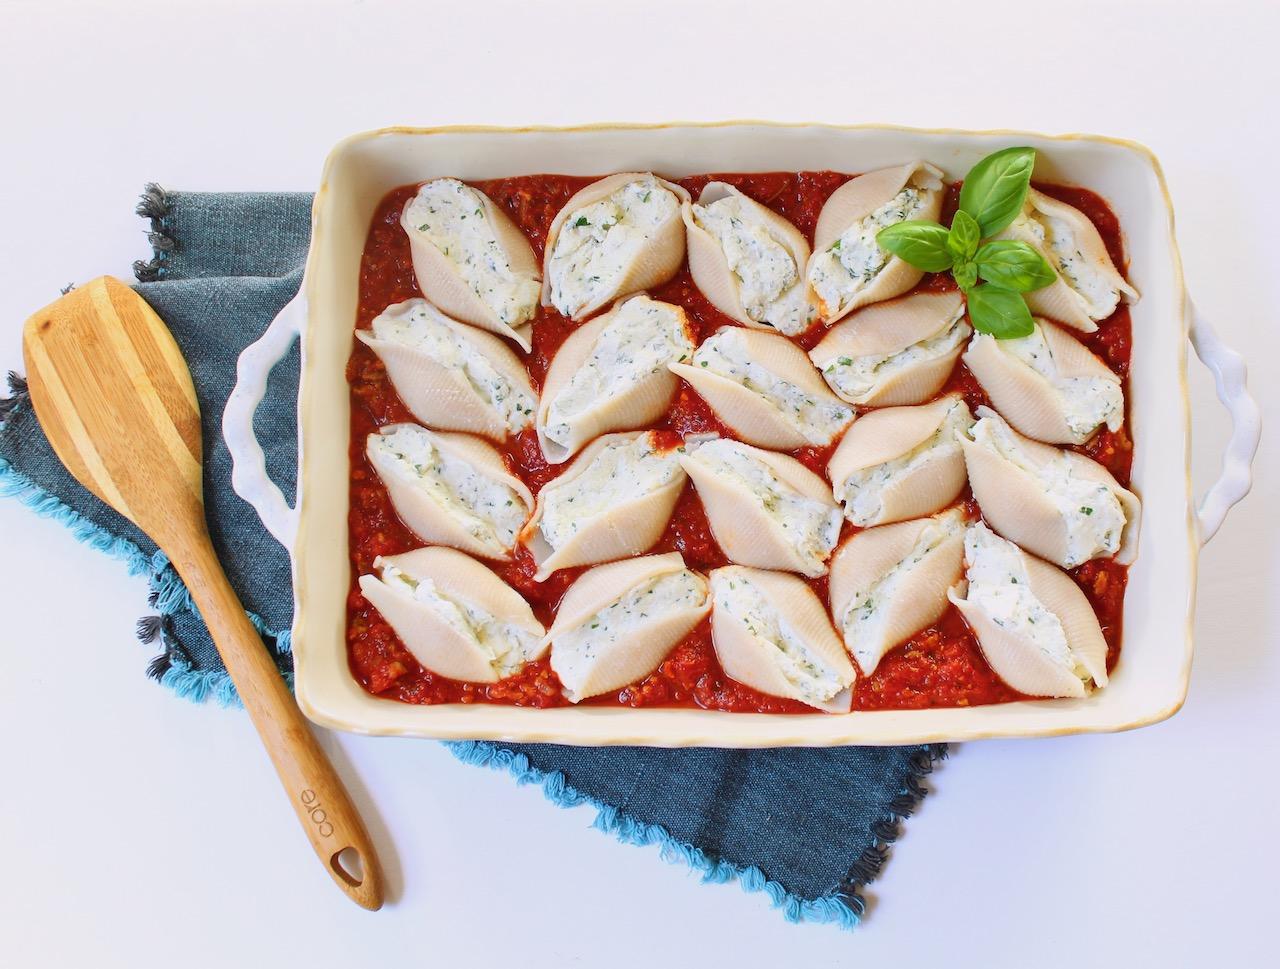 baking dish of beyond meat stuffed shells